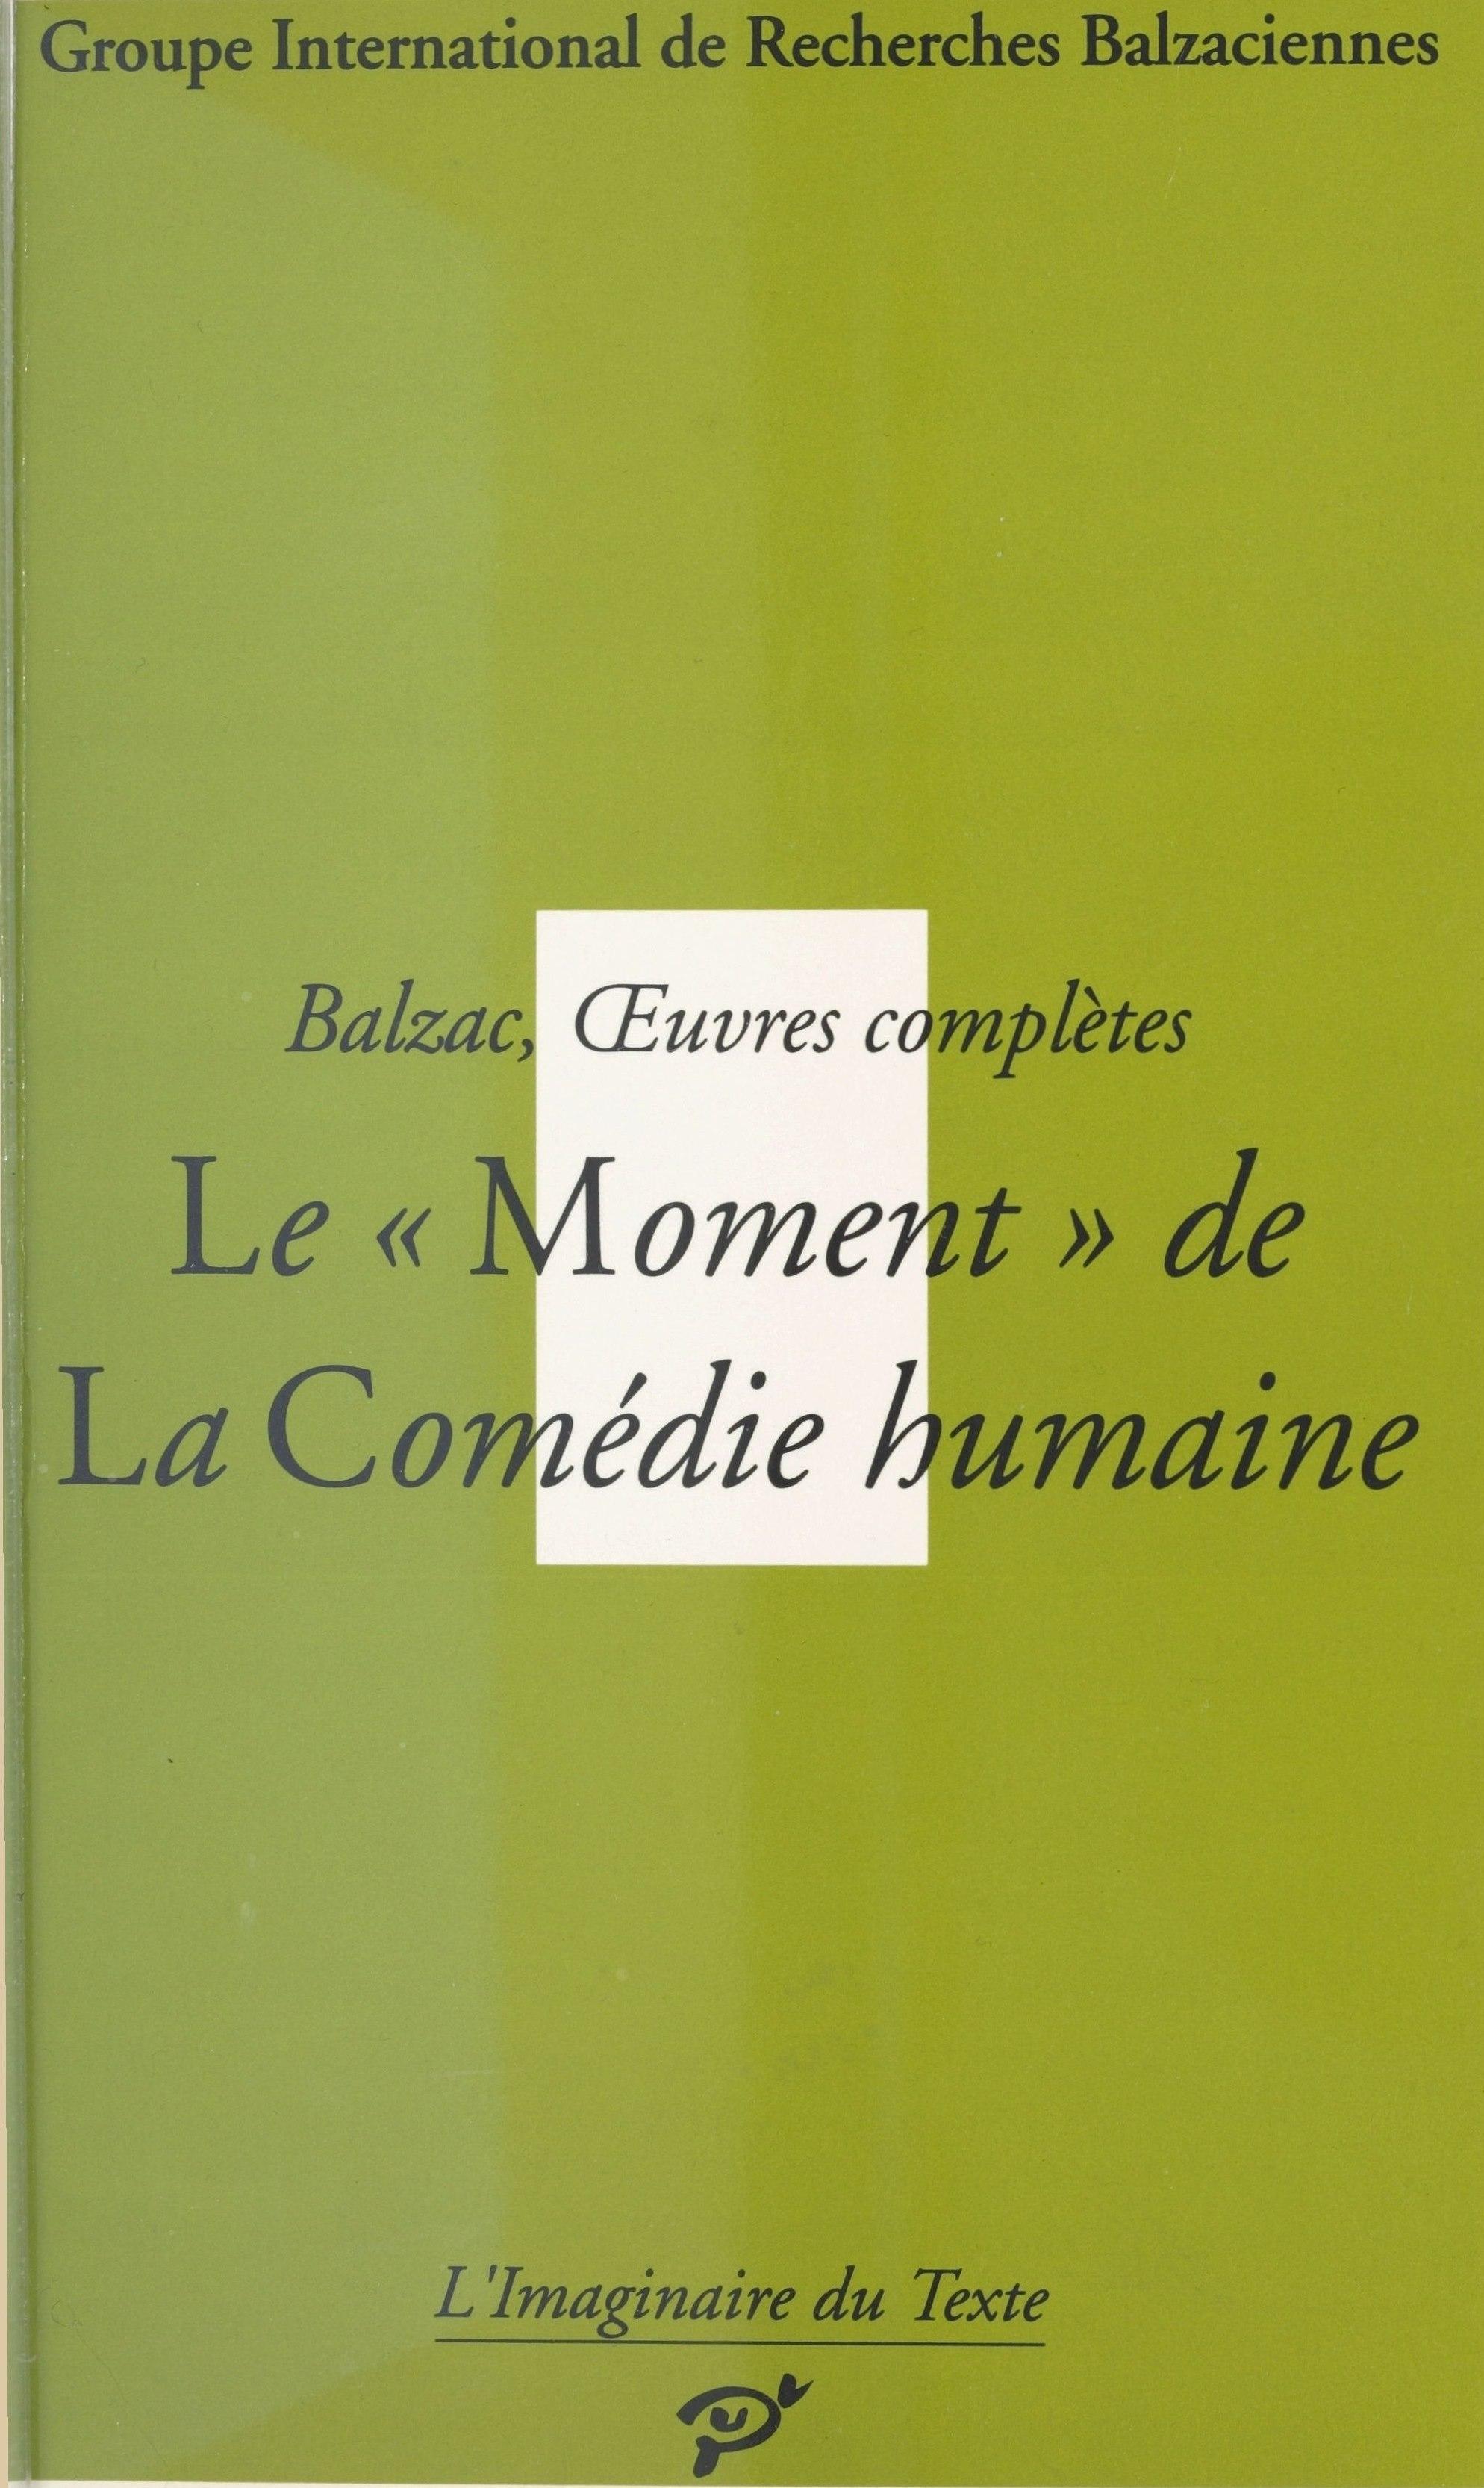 Vignette du livre Balzac, Oeuvres Complètes